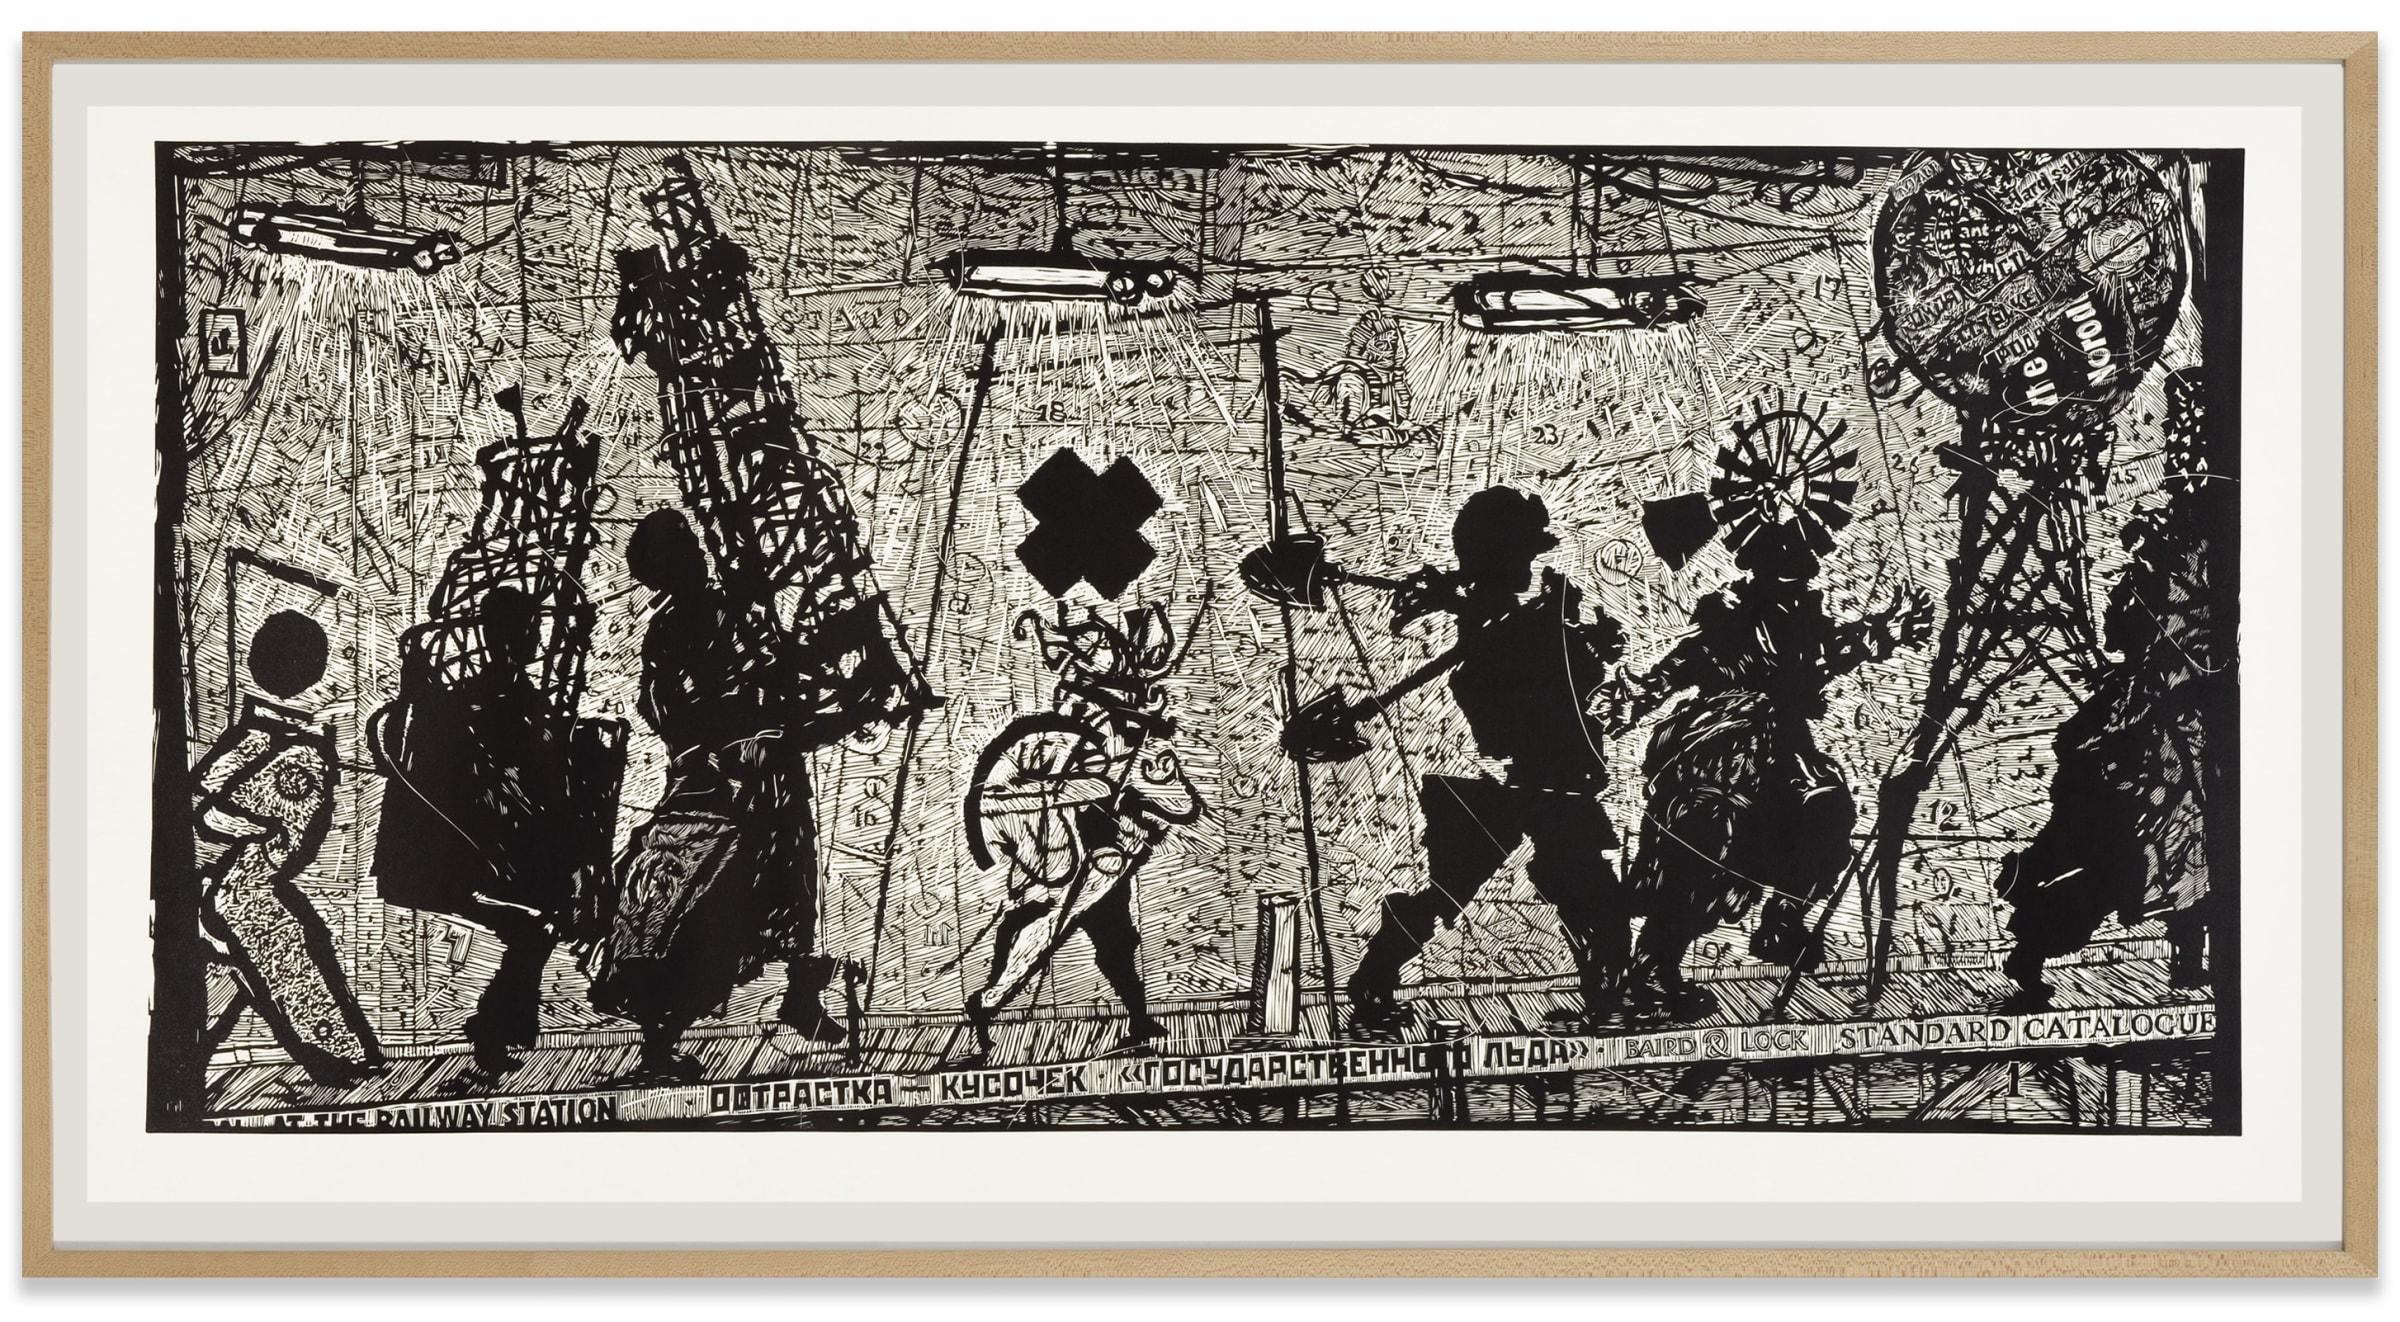 William Kentridge, Eight Figures, 2010